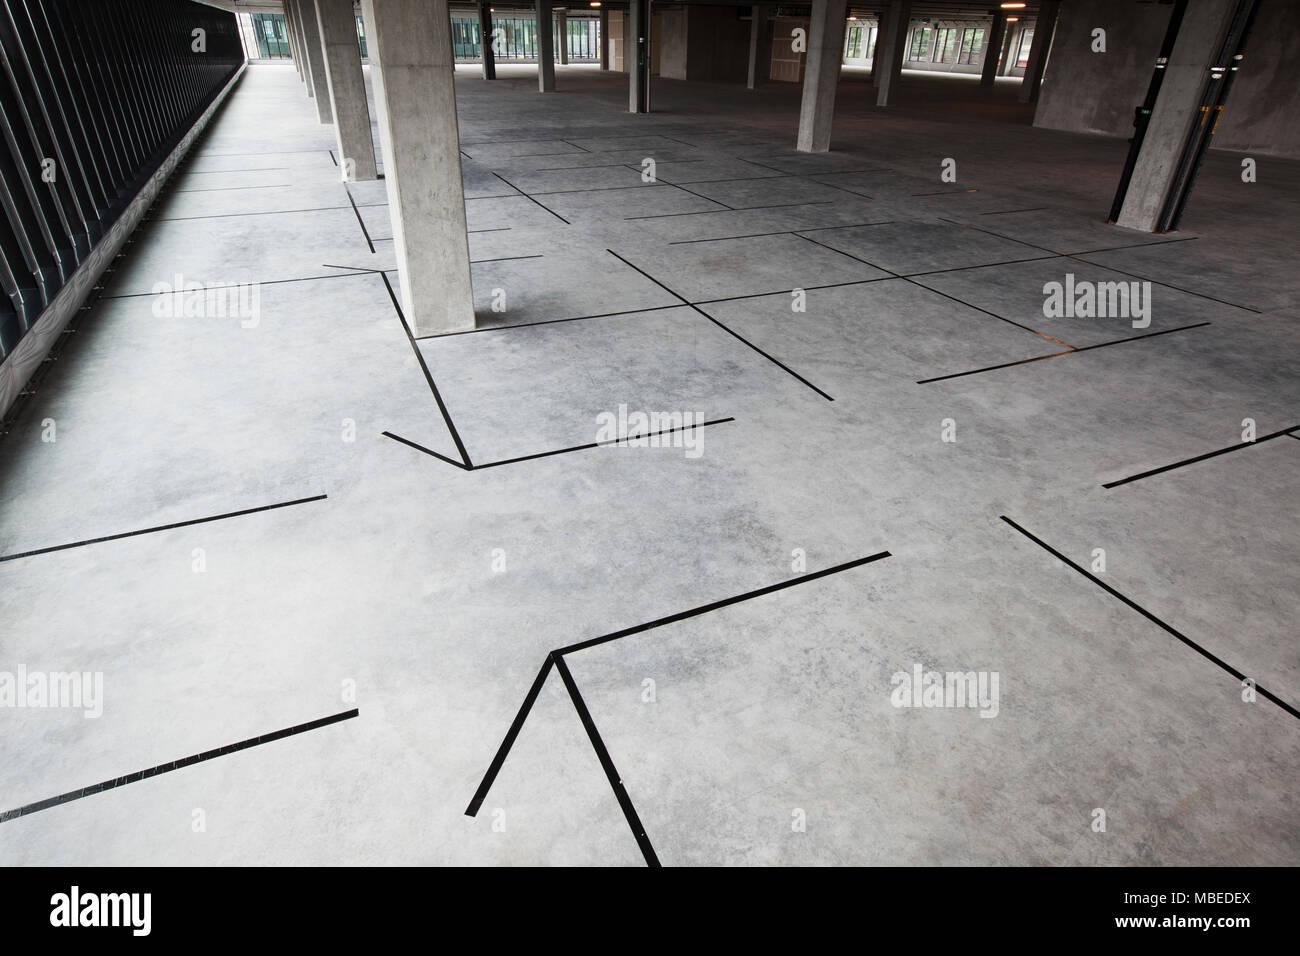 Materias espacio de oficina con nuevas oficinas esbozadas en la cinta. Imagen De Stock